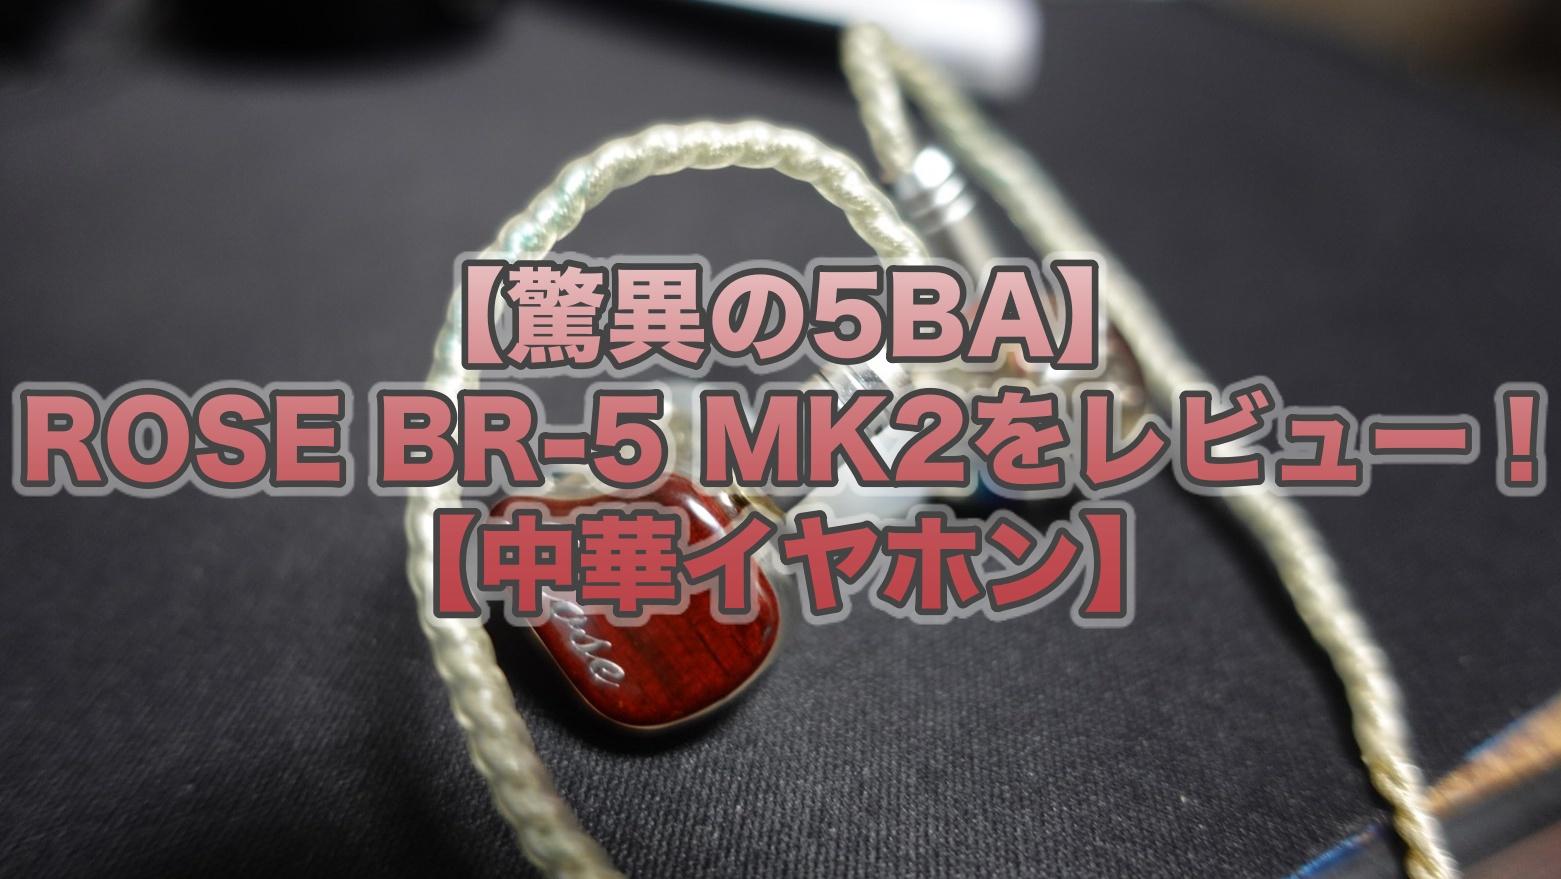 【驚異の5BA】ROSE BR-5 MK2をレビュー!【中華イヤホン】